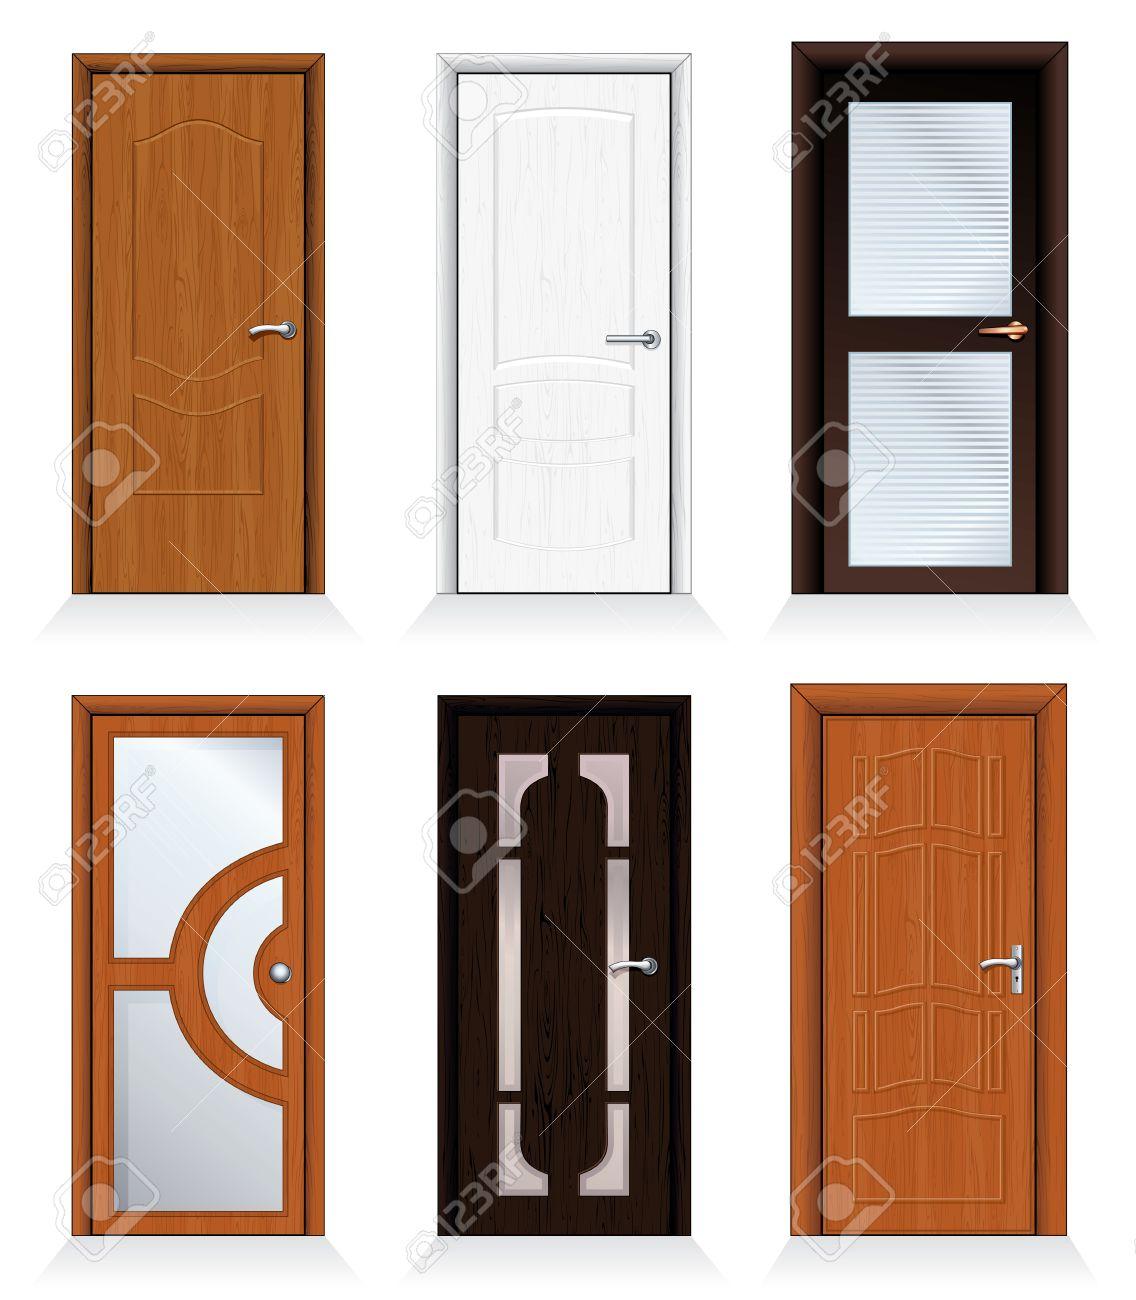 Inside front door clipart - Front Doors Classic Interior Inside Front Door Clipart